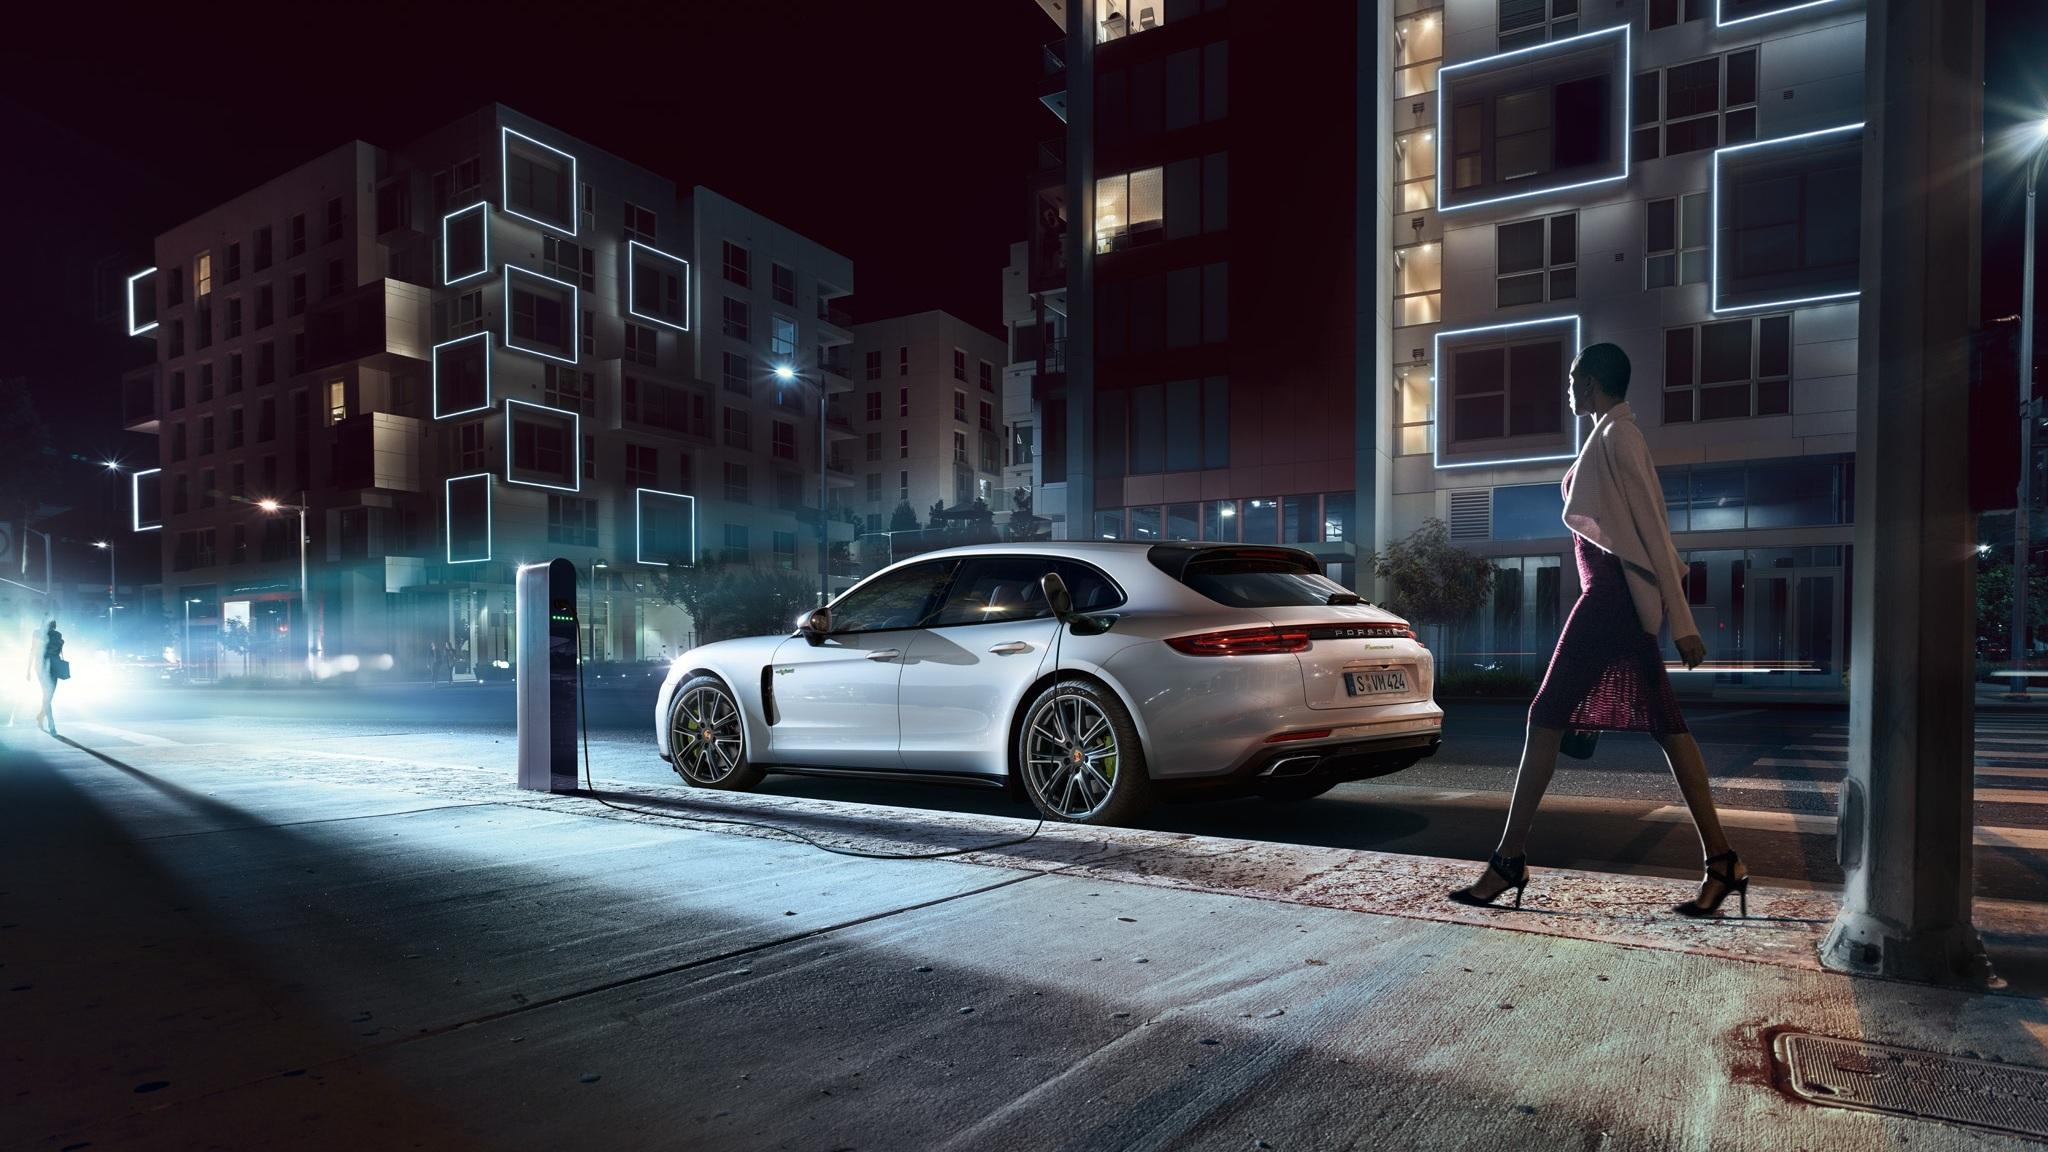 Quiero asistir a Porsche Innotalks - Y si quieres mantenerte informado/a de las charlas y eventos que organizamos, solo tienes que entrar en Eventbrite y solicitar tu entrada.